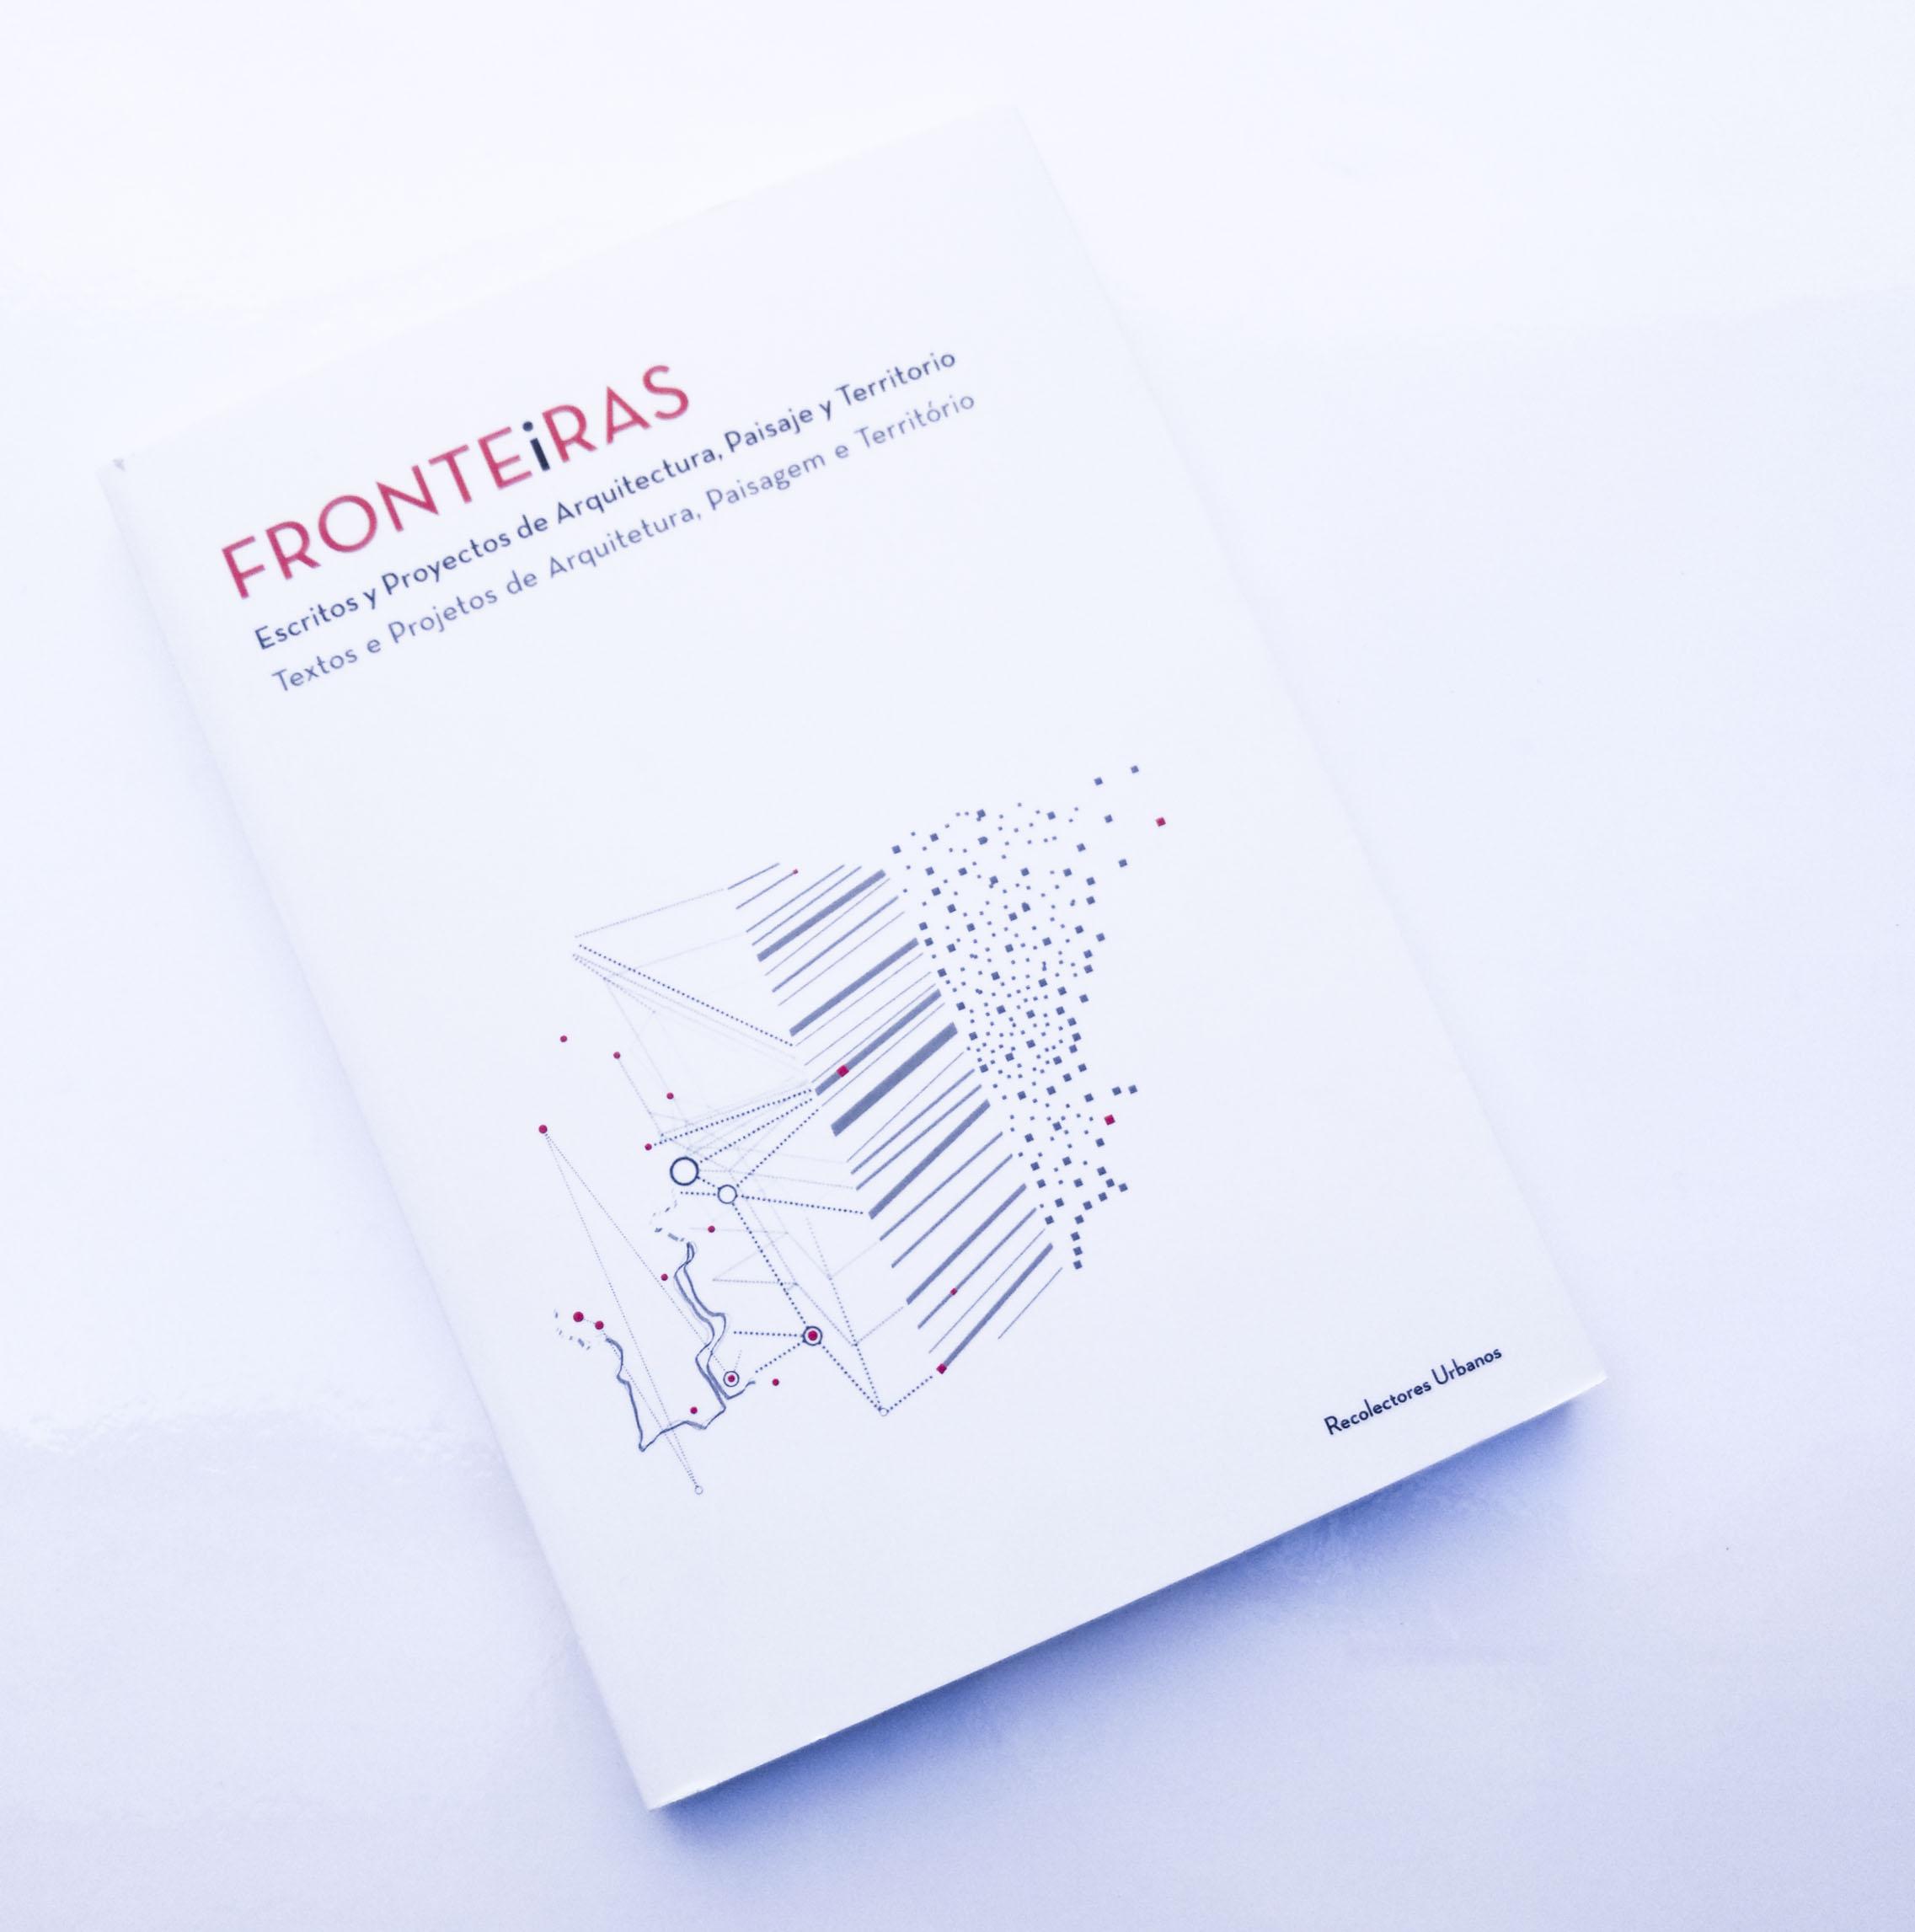 2018_FRONTEIRAS_BORDES Y FRONTERAS_PORTADA